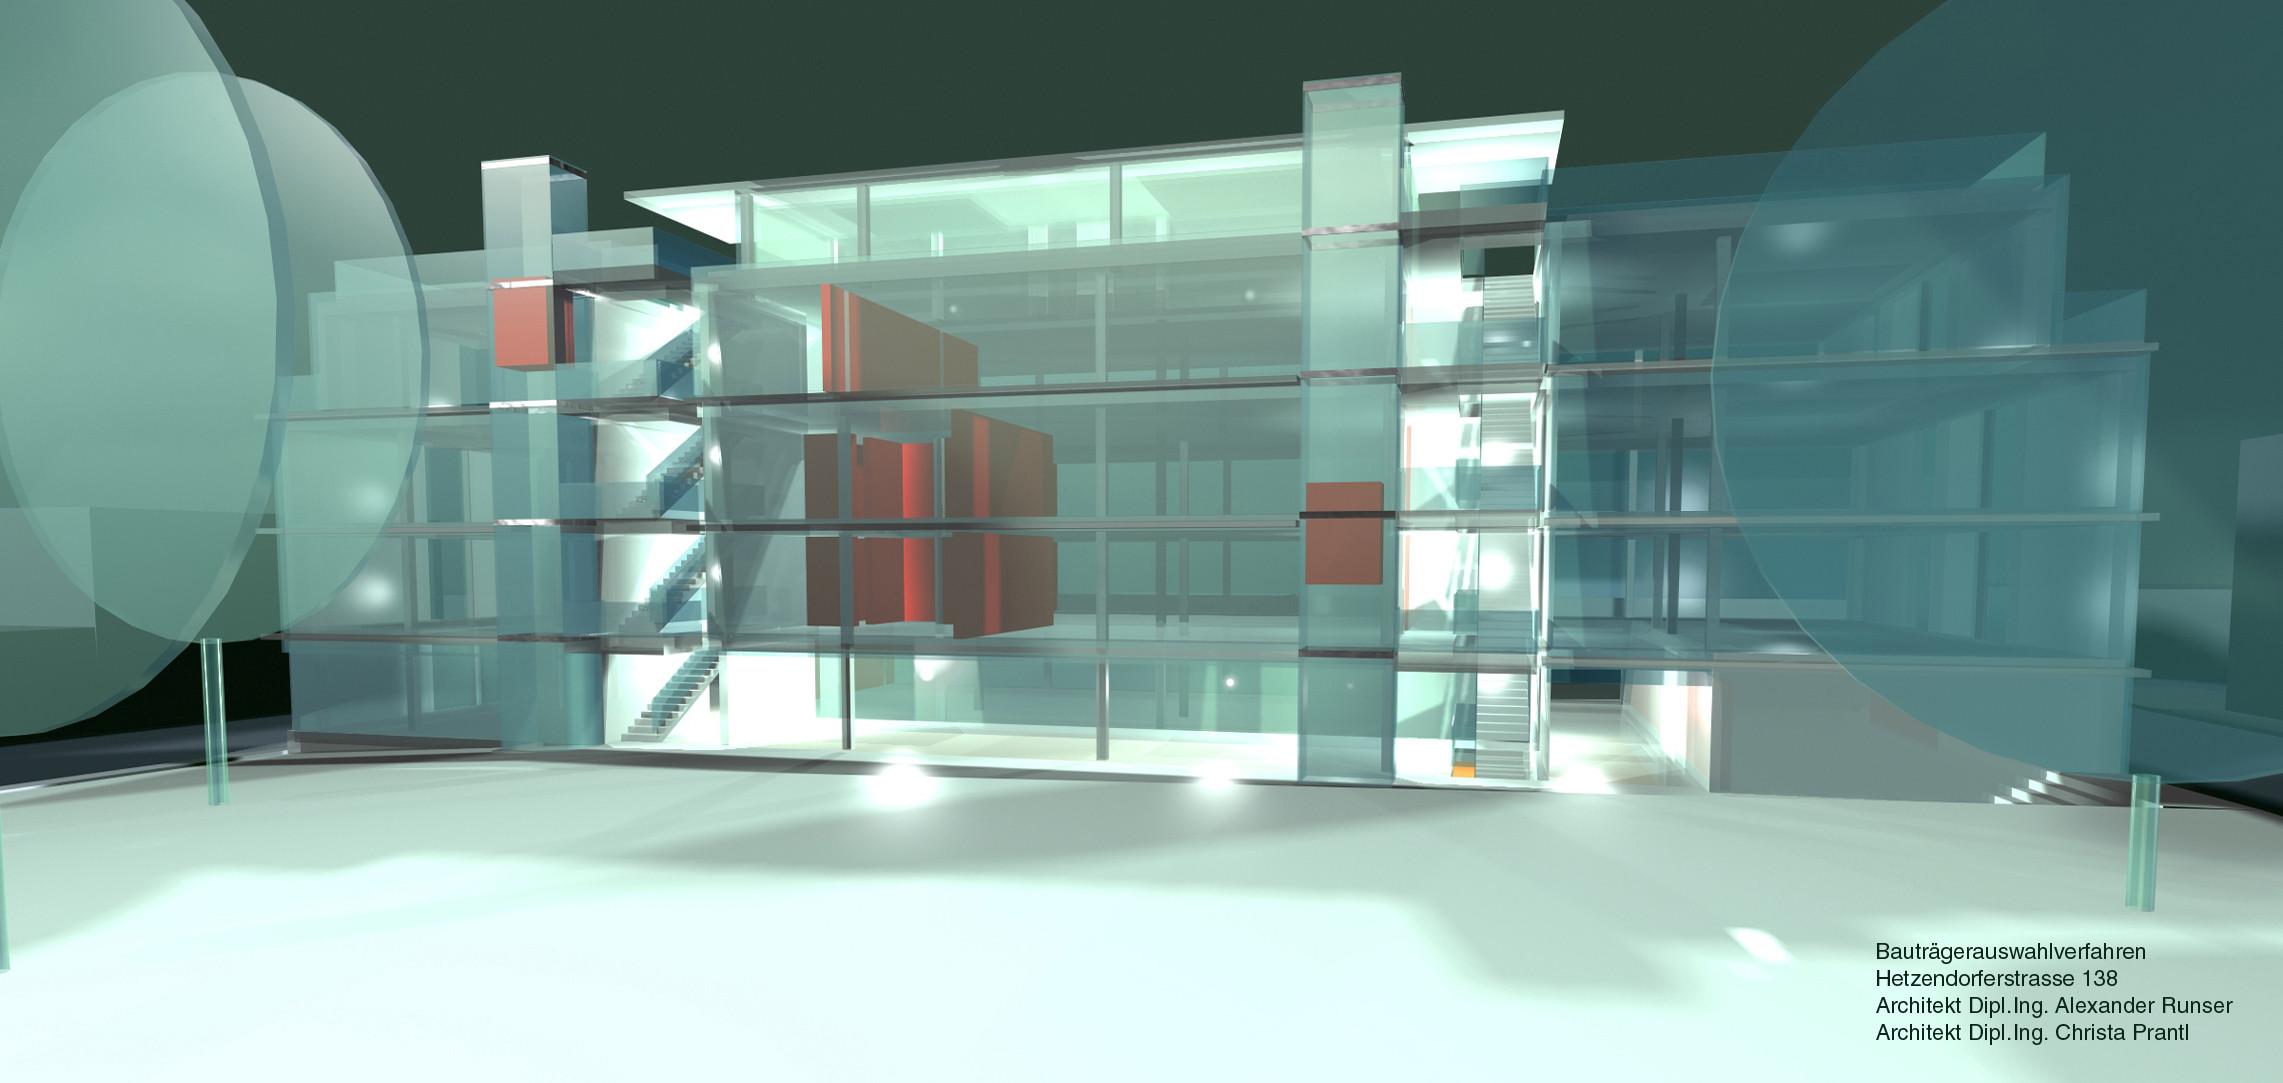 <p>© RUNSER / PRANTL architekten, SOS Kinderdorf Hetzendorferstraße, 1120 Wien, Österreich, Bauträgerauswahlverfahren, 2001,  Wohnhaus, Kinderdorf, Betreutes Wohnen</p>